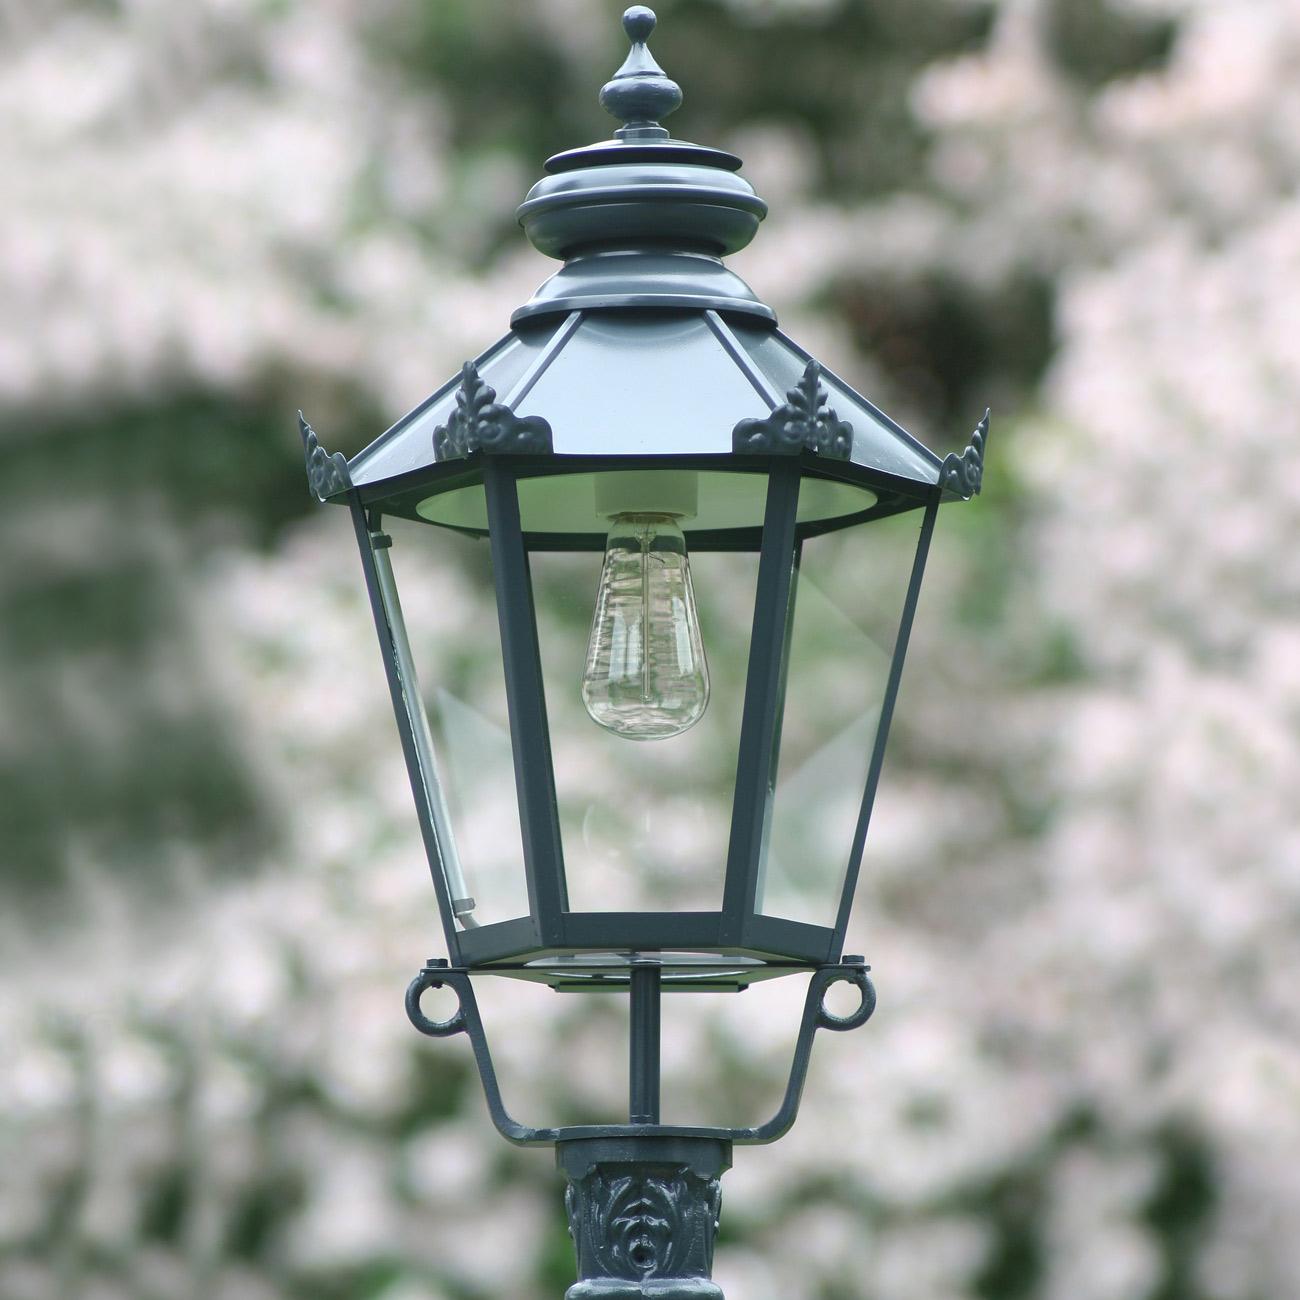 lumi leuchten klassische und zeitlose lampen aus europa seite 4. Black Bedroom Furniture Sets. Home Design Ideas